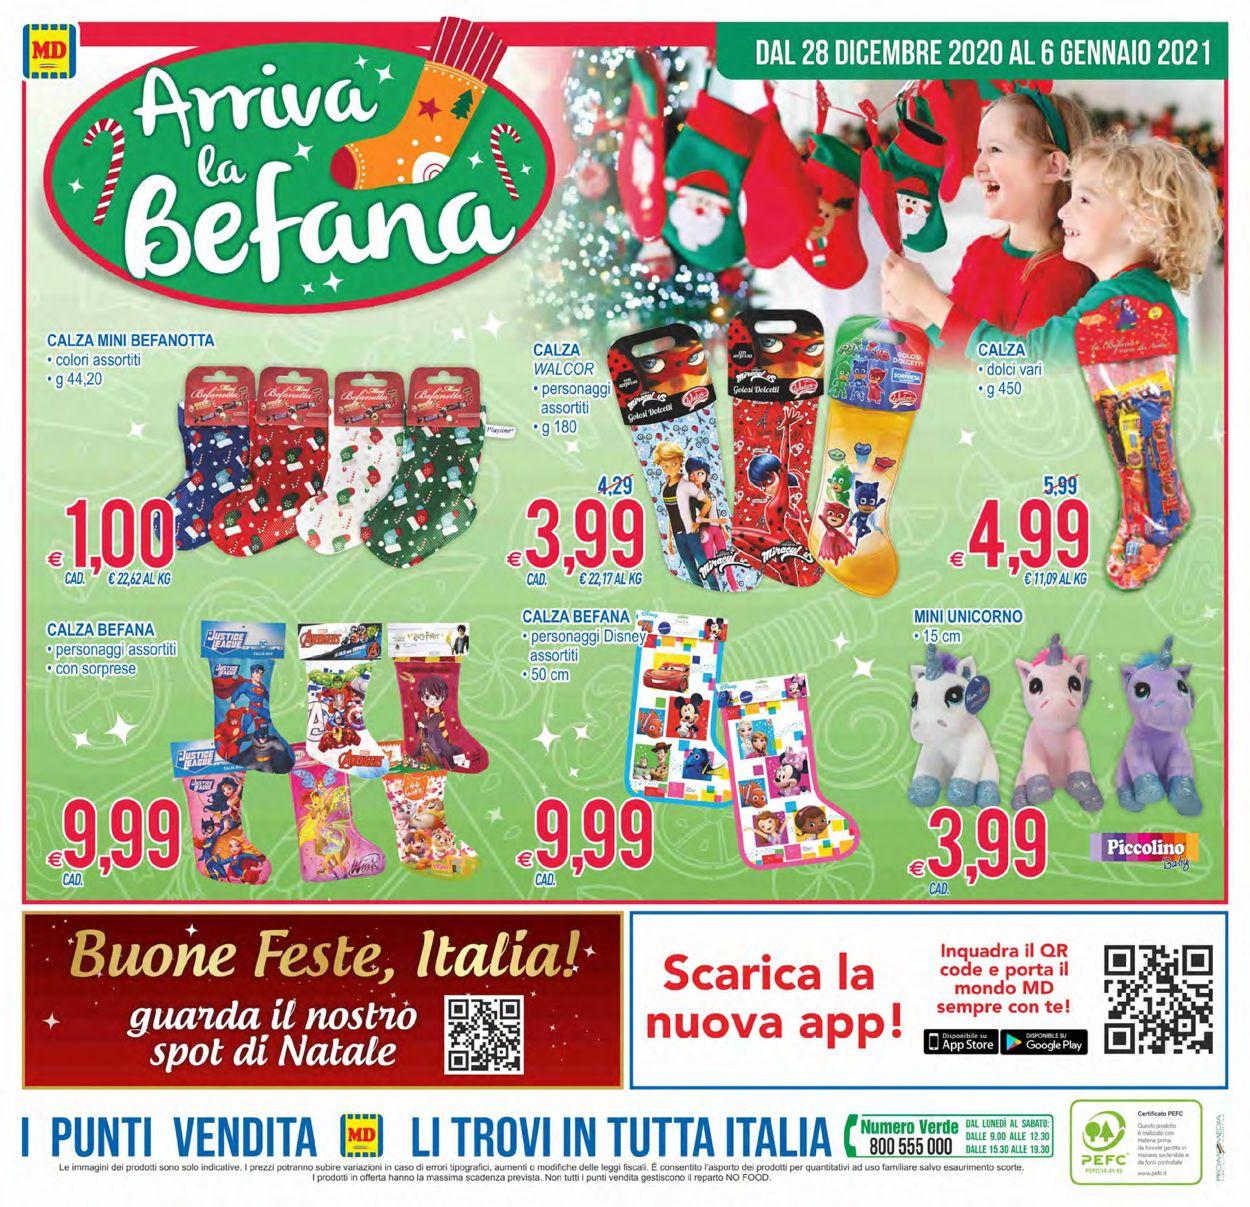 Volantino MD Discount - Natale 2020 - Offerte 21/12-31/12/2020 (Pagina 32)